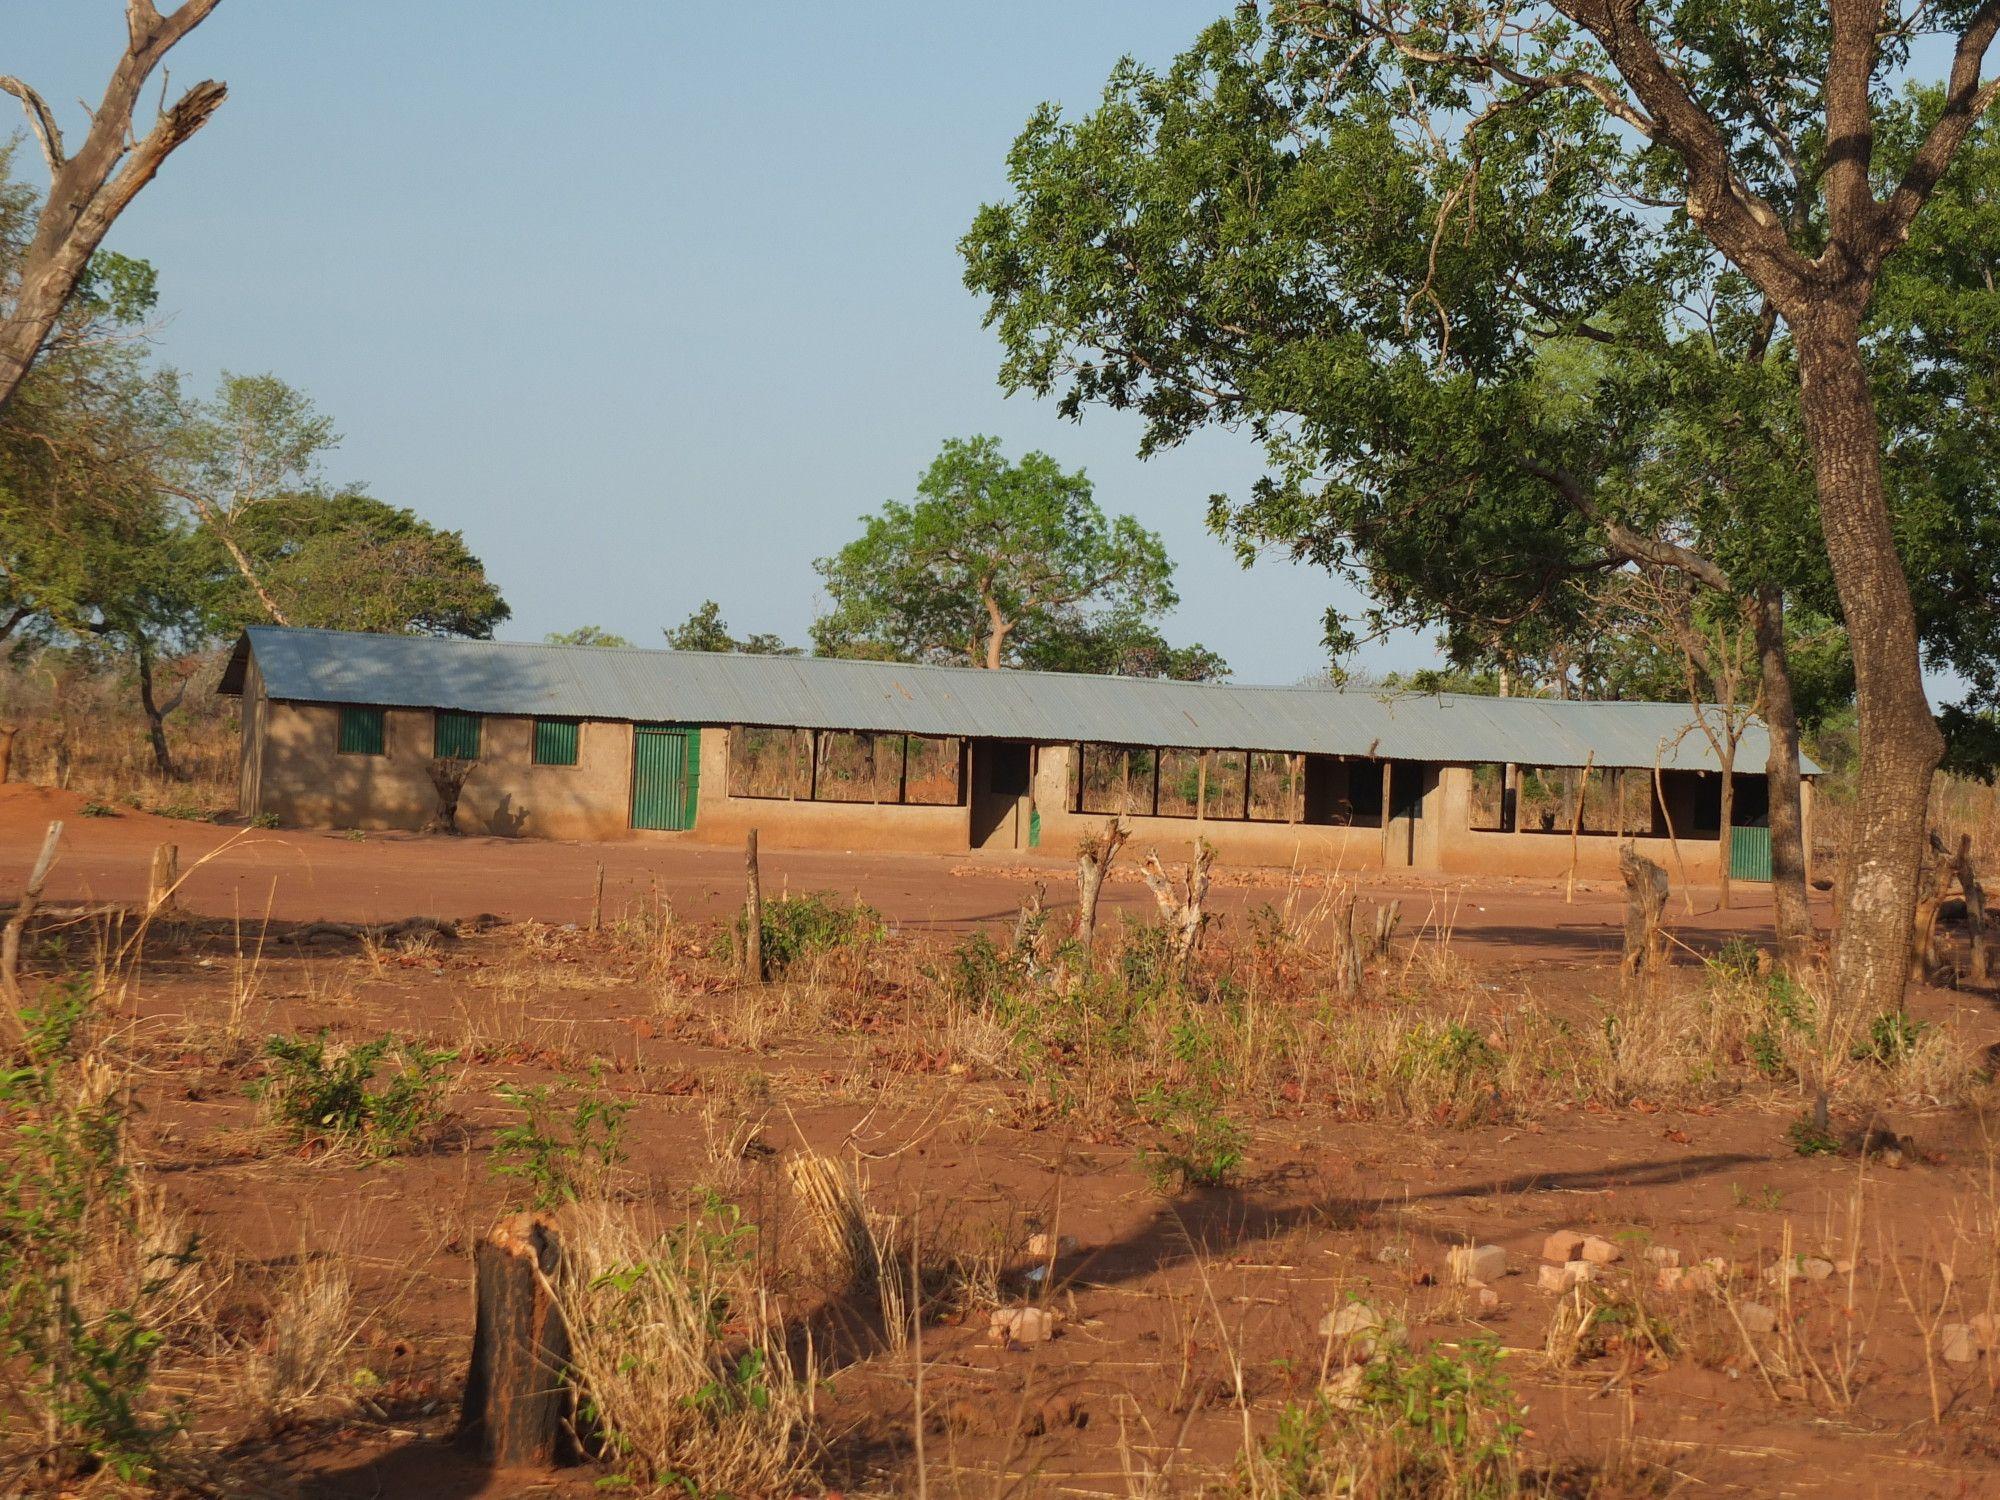 Centro de desplazados de Kadula